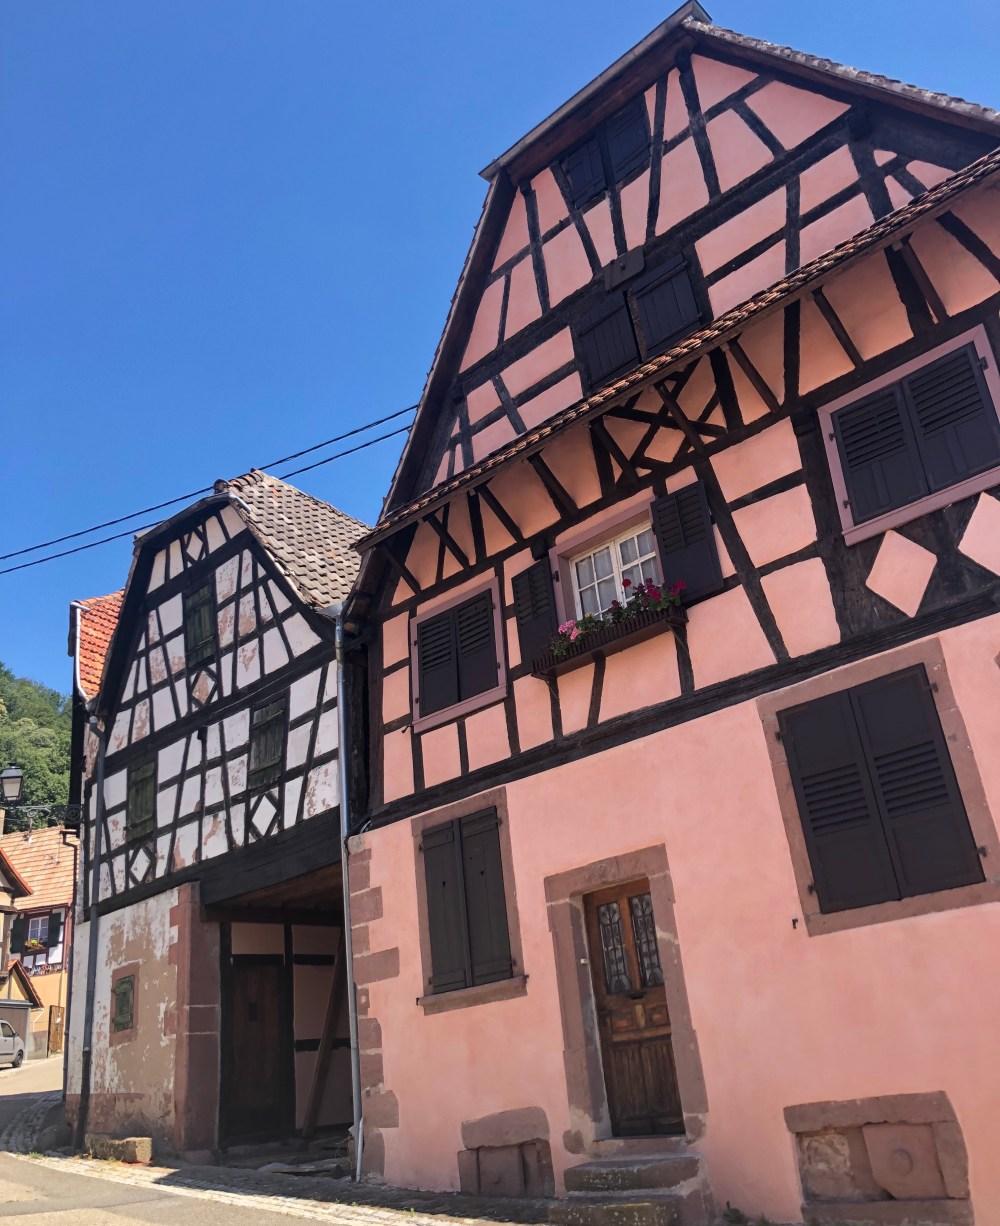 Fachwerkhäuser in Oberbronn